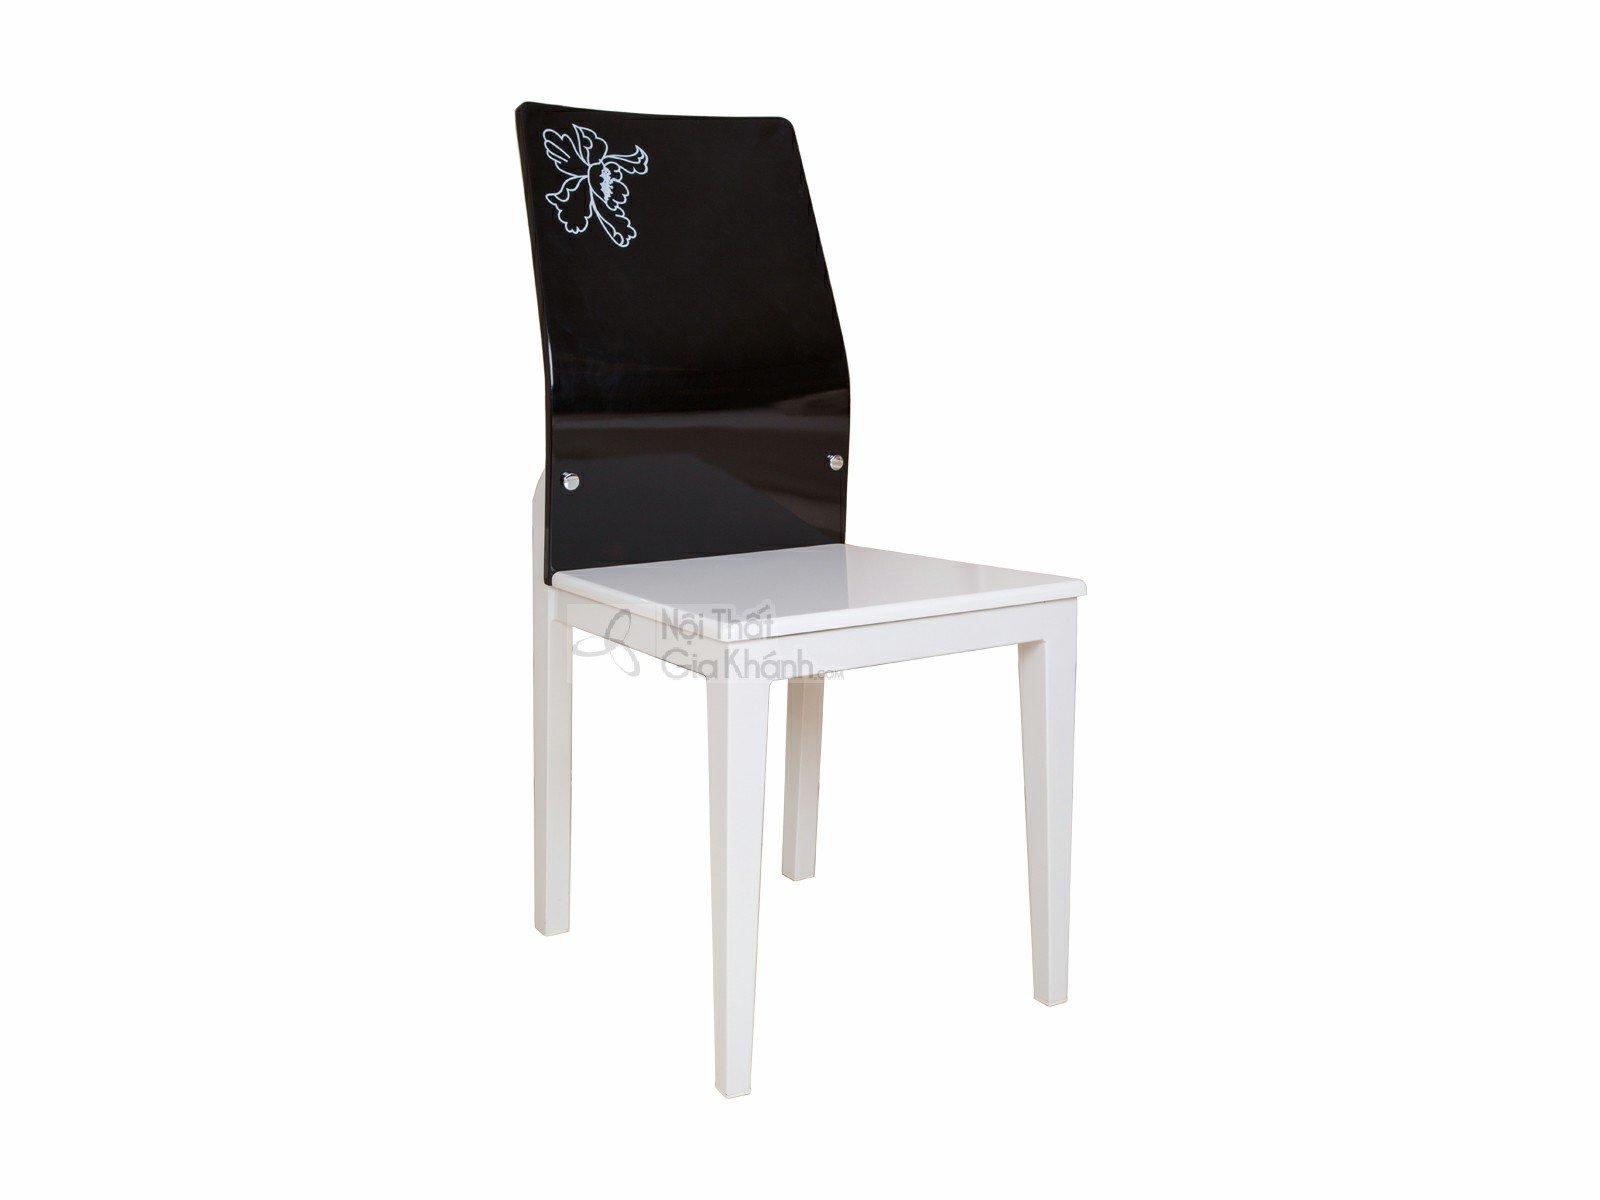 Ghế học gỗ công nghiệp màu đen đẹp CY01032 - ghe an CY01032